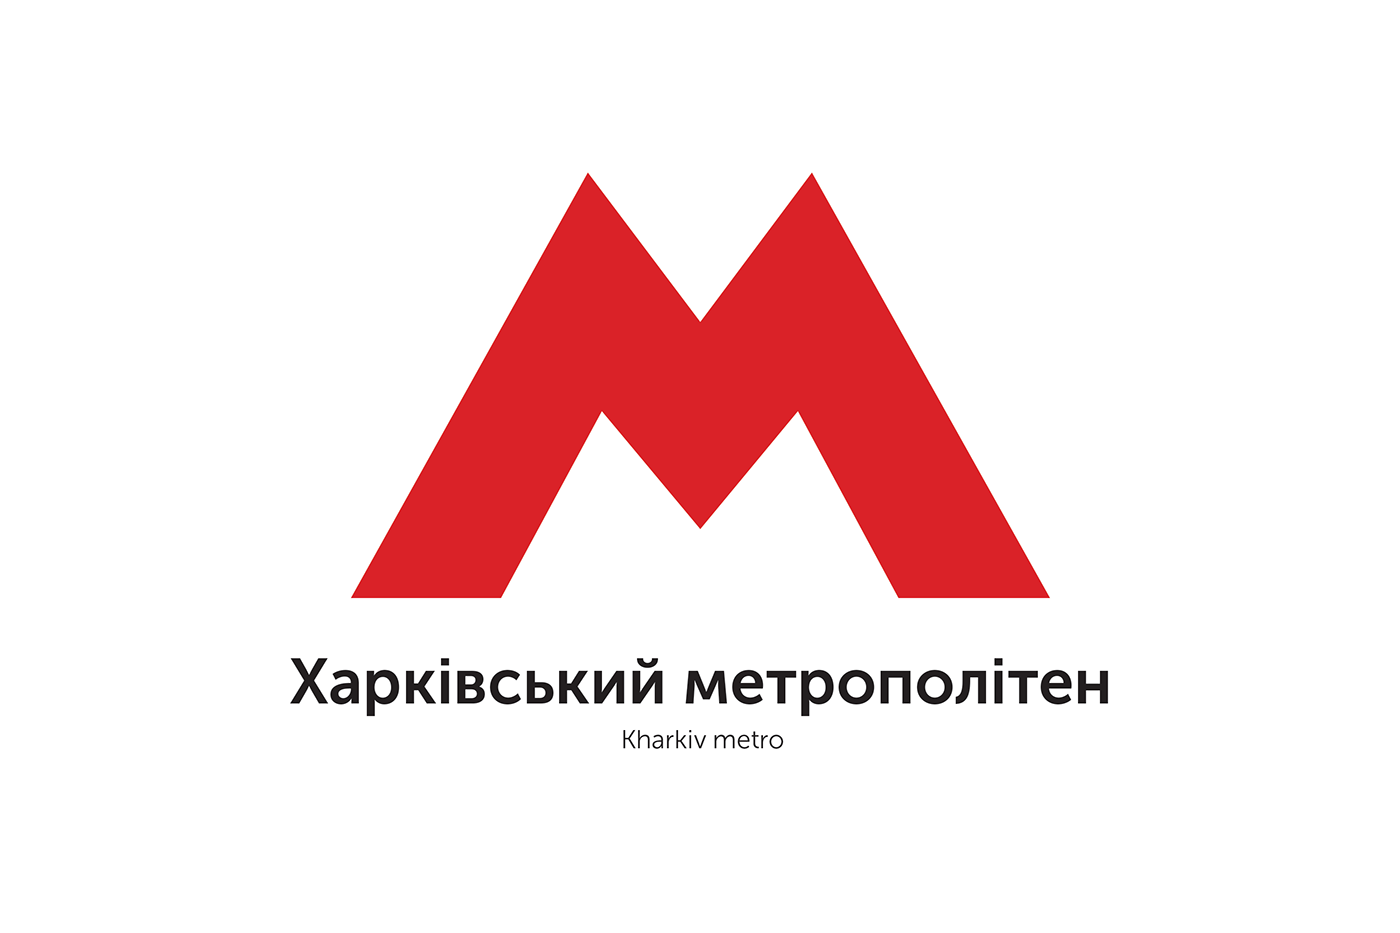 kharkiv map metro Transport карта метро транспорт харьков metropolitan Харків